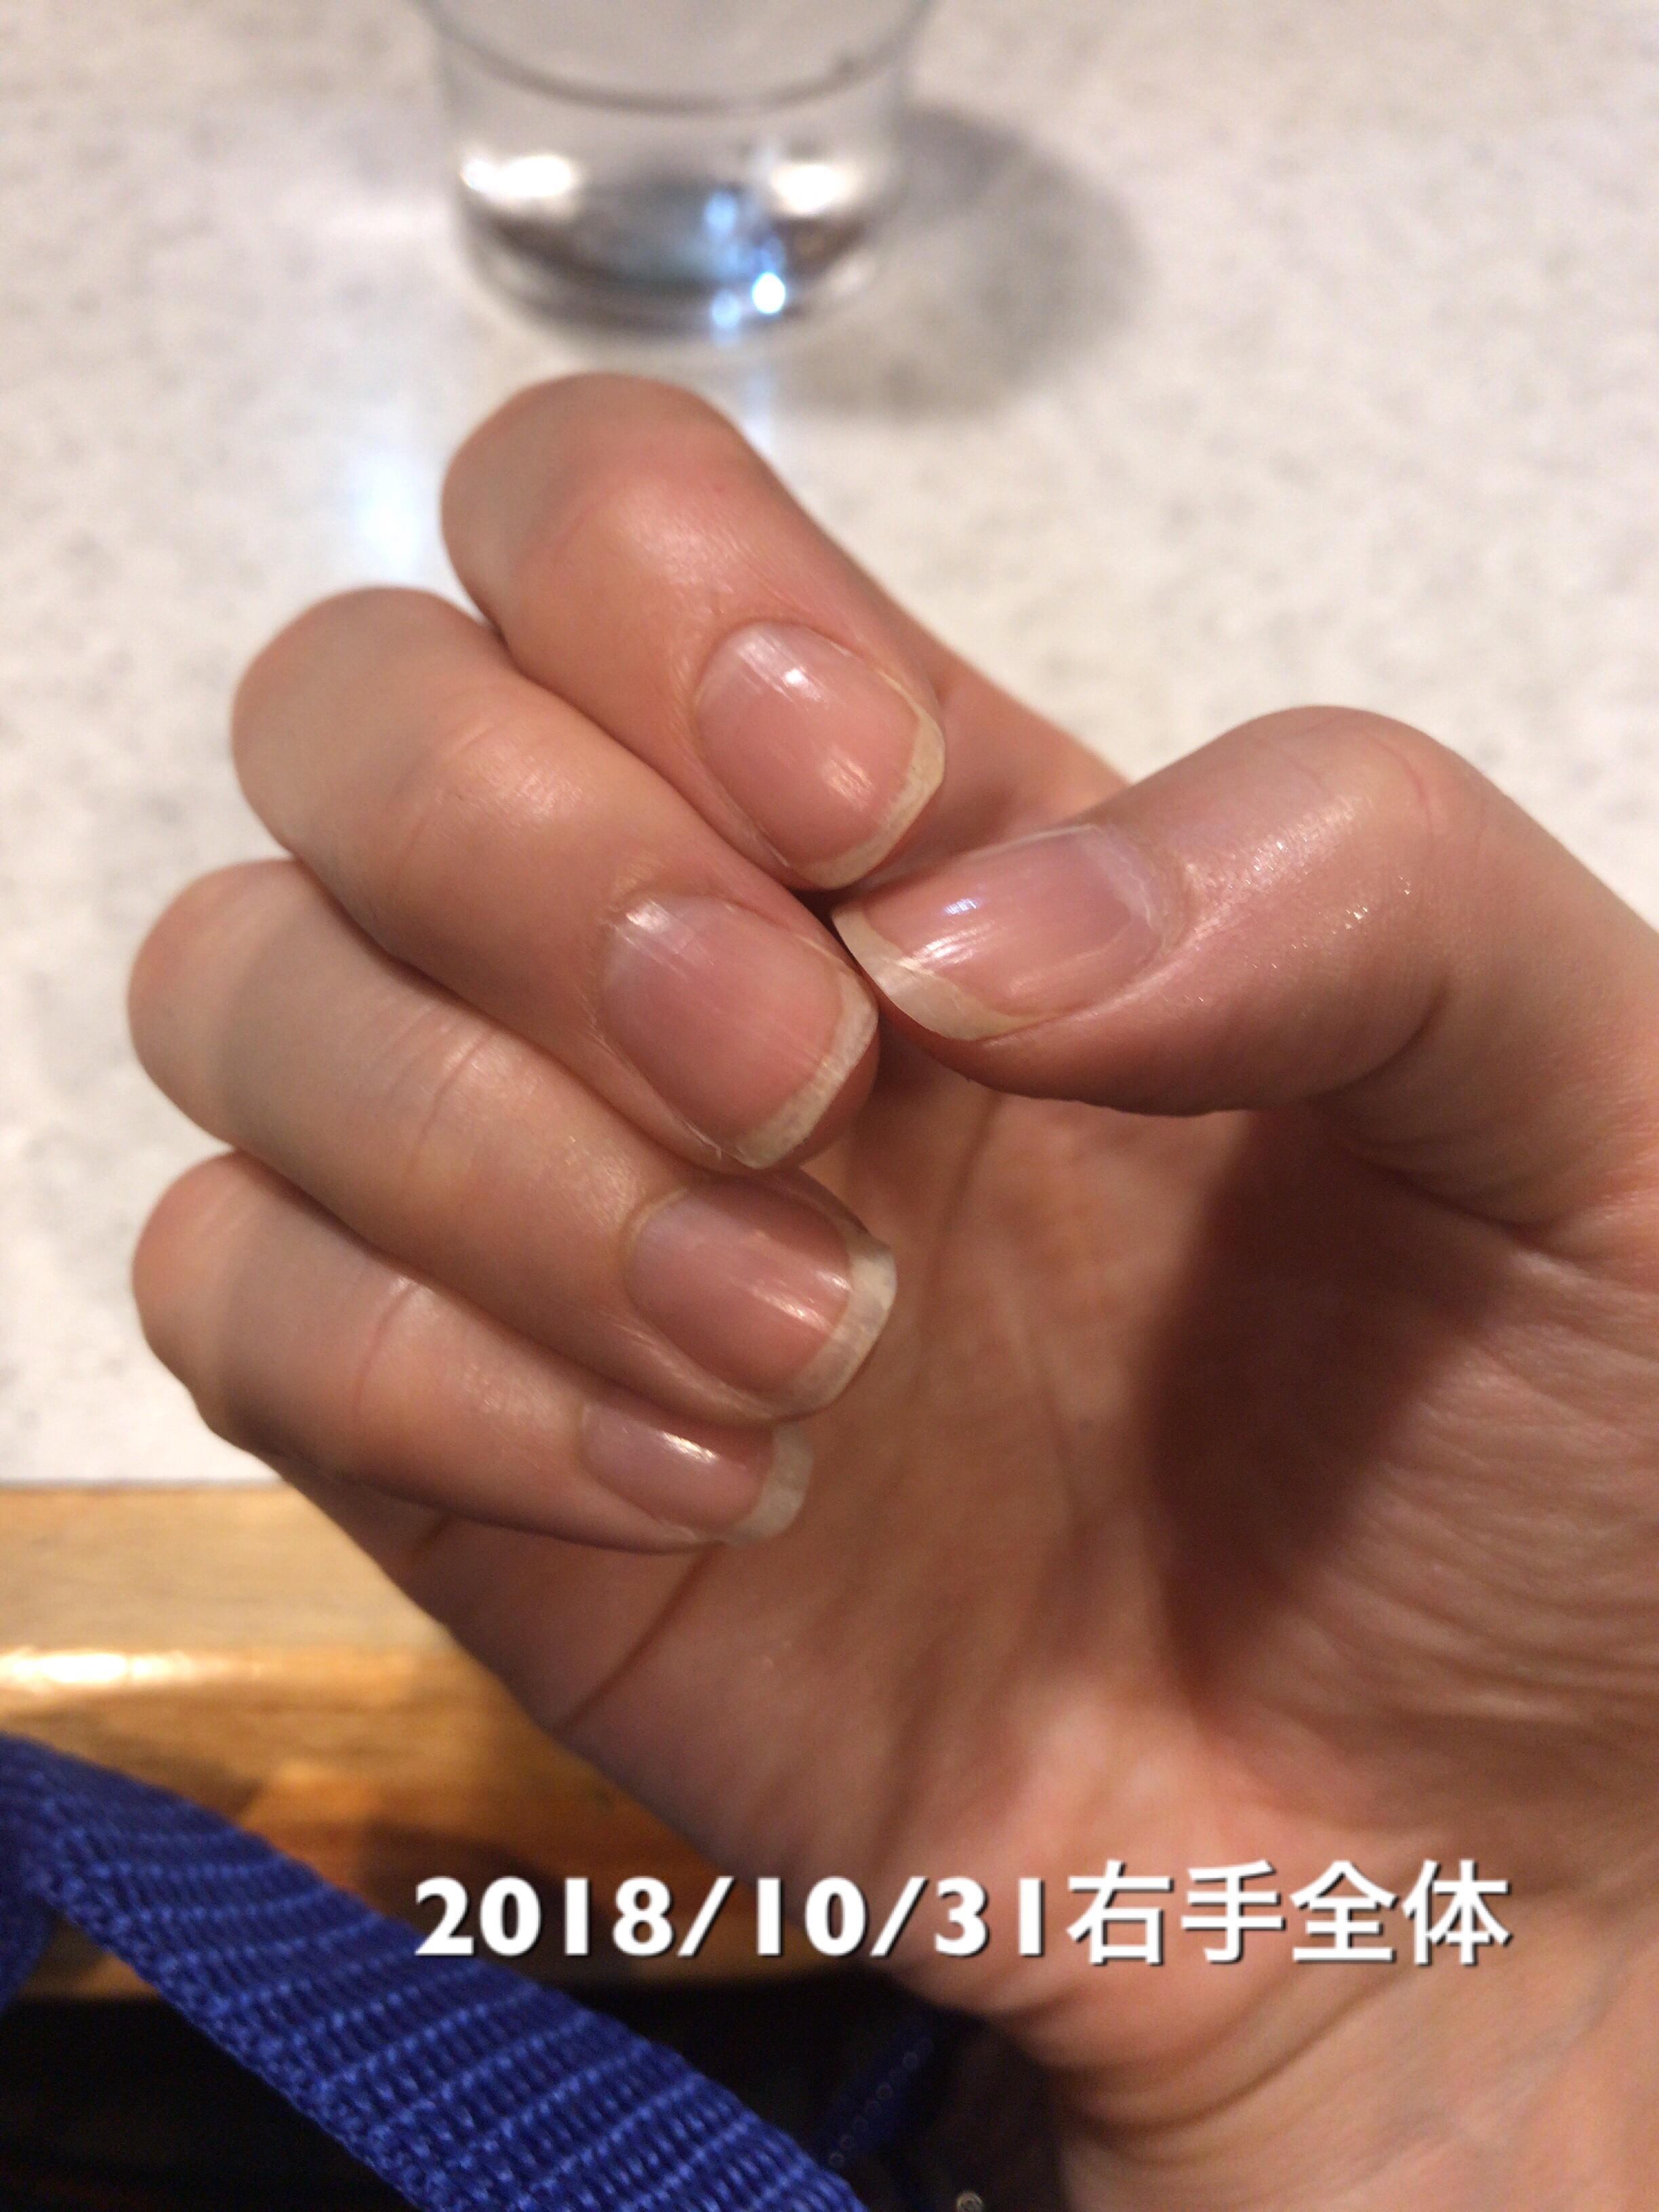 心なしか、いや!確かに、中指の丸っこさが取れて、少しずつですが〇→長方形に近づきつつあります。中指以外の指も縦にすこーしだけ伸びています。